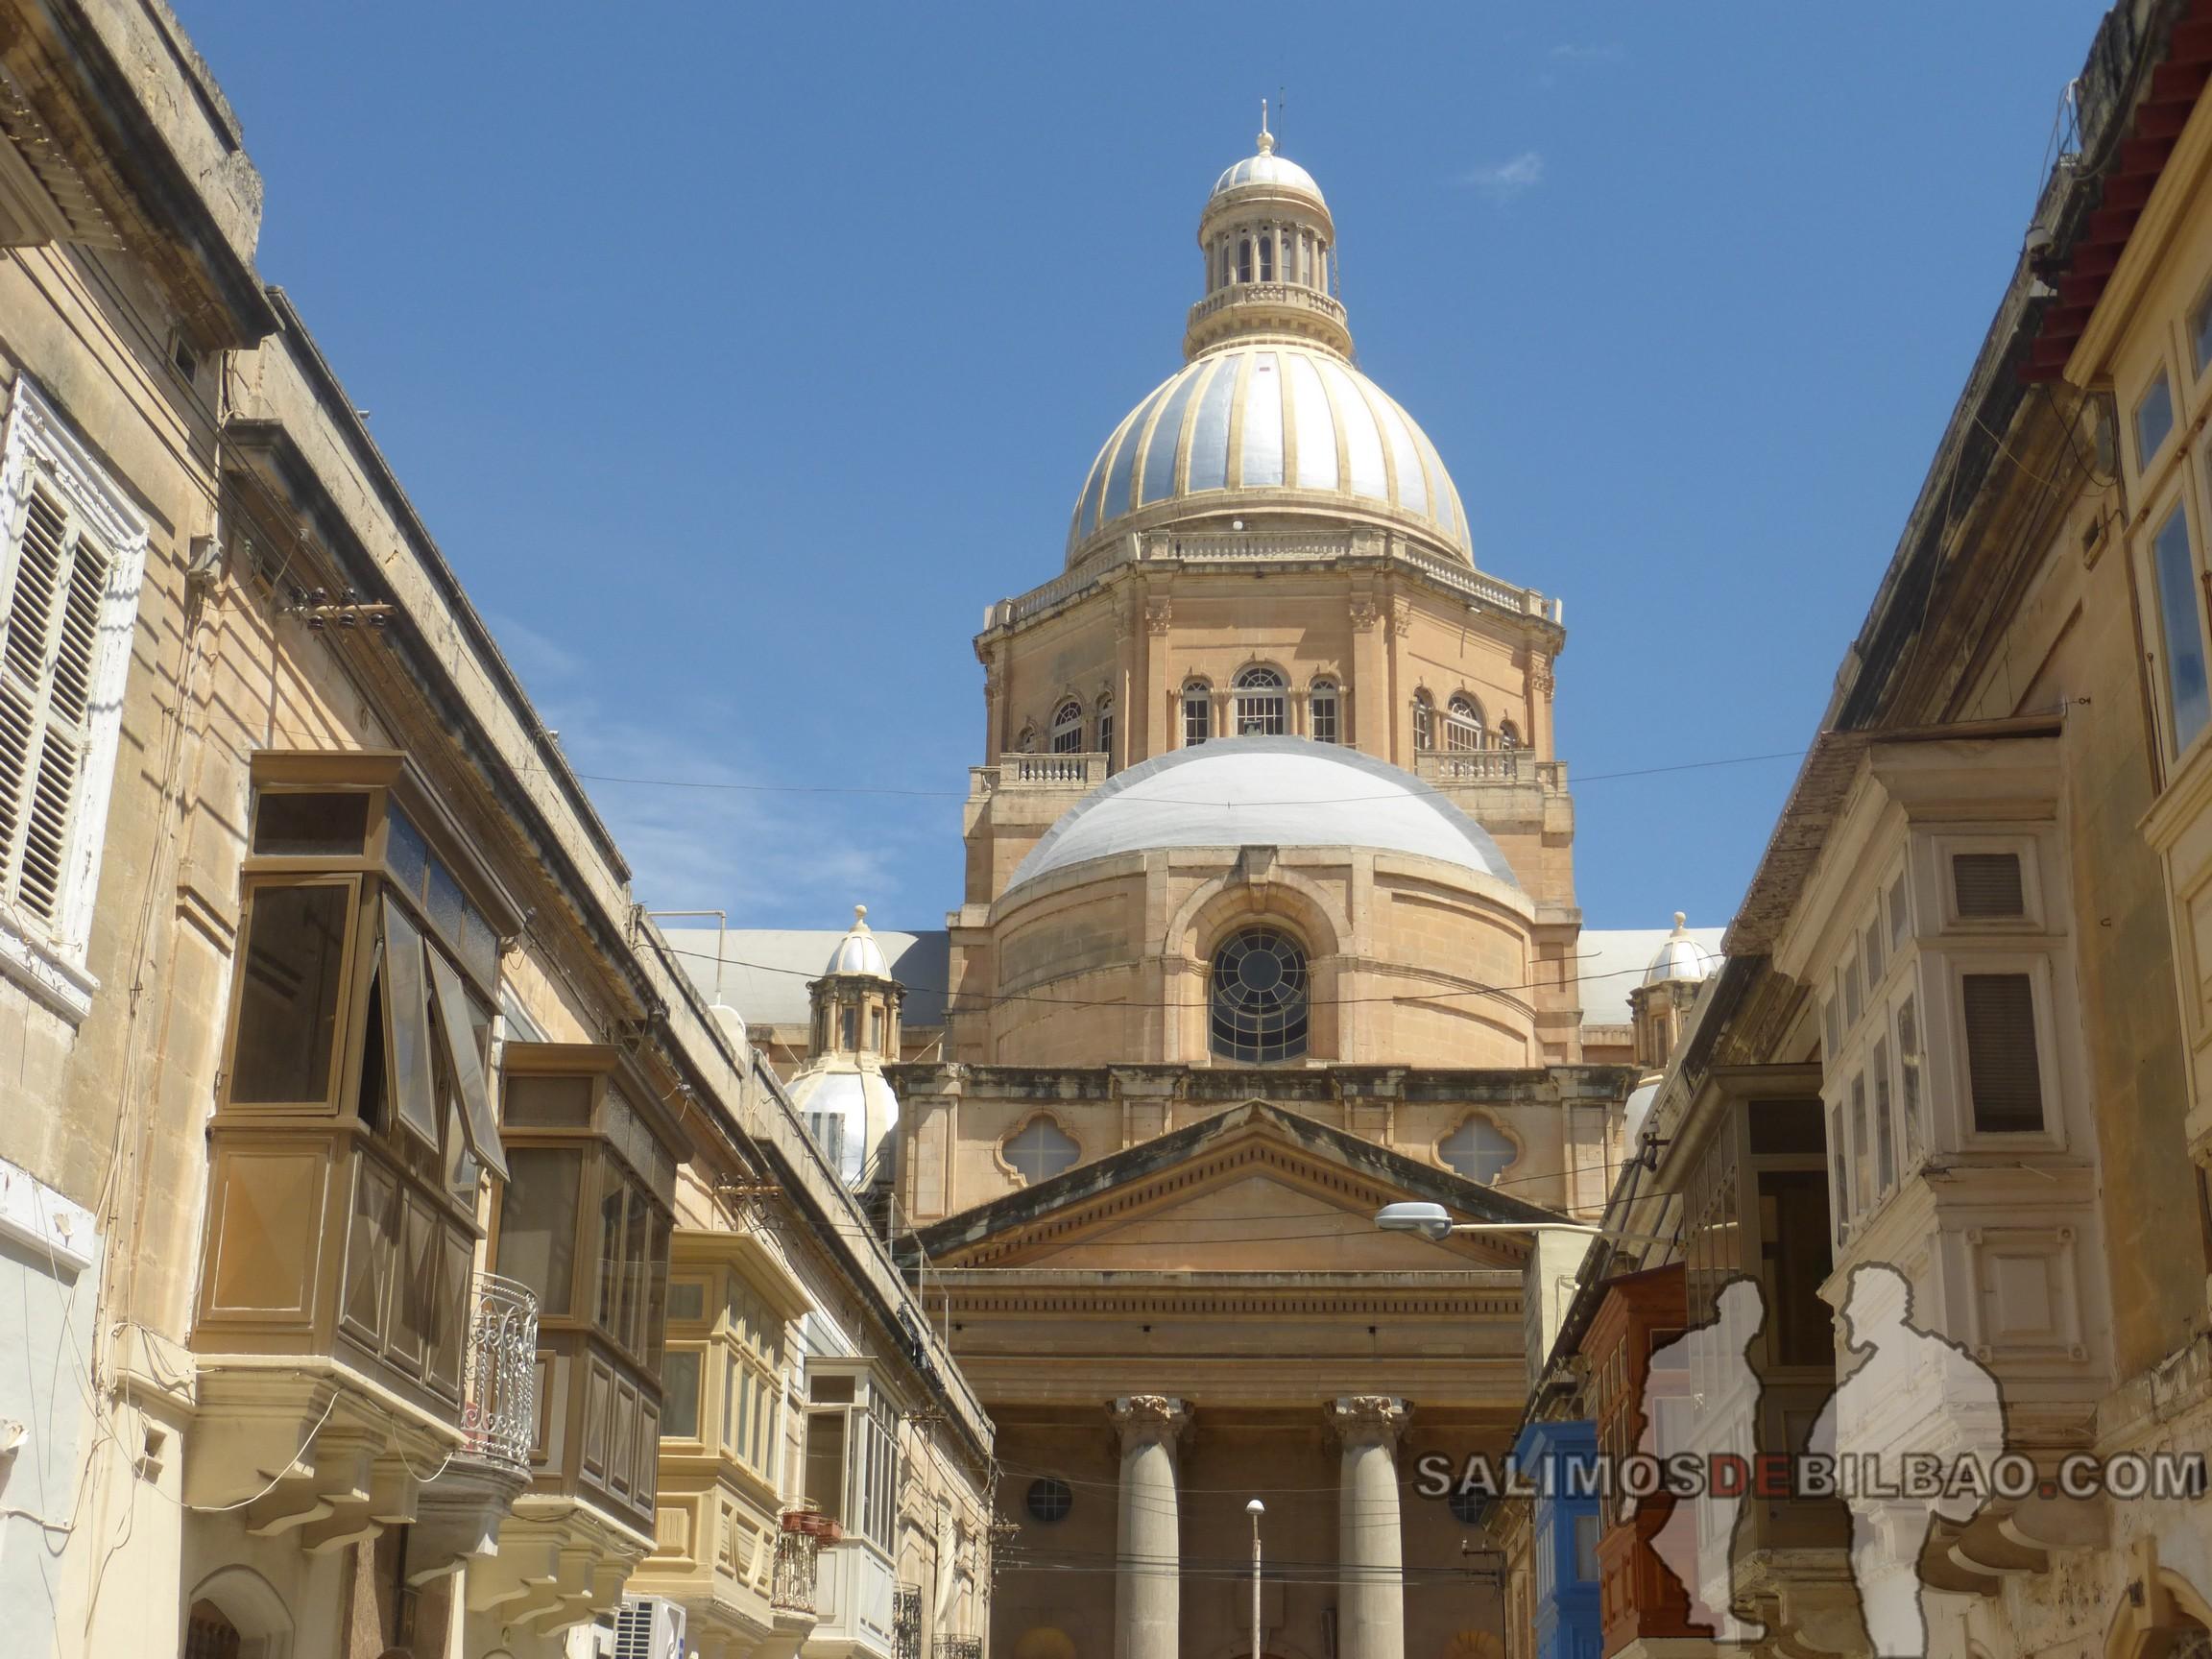 0691. Iaglesia, Tarxien, Malta